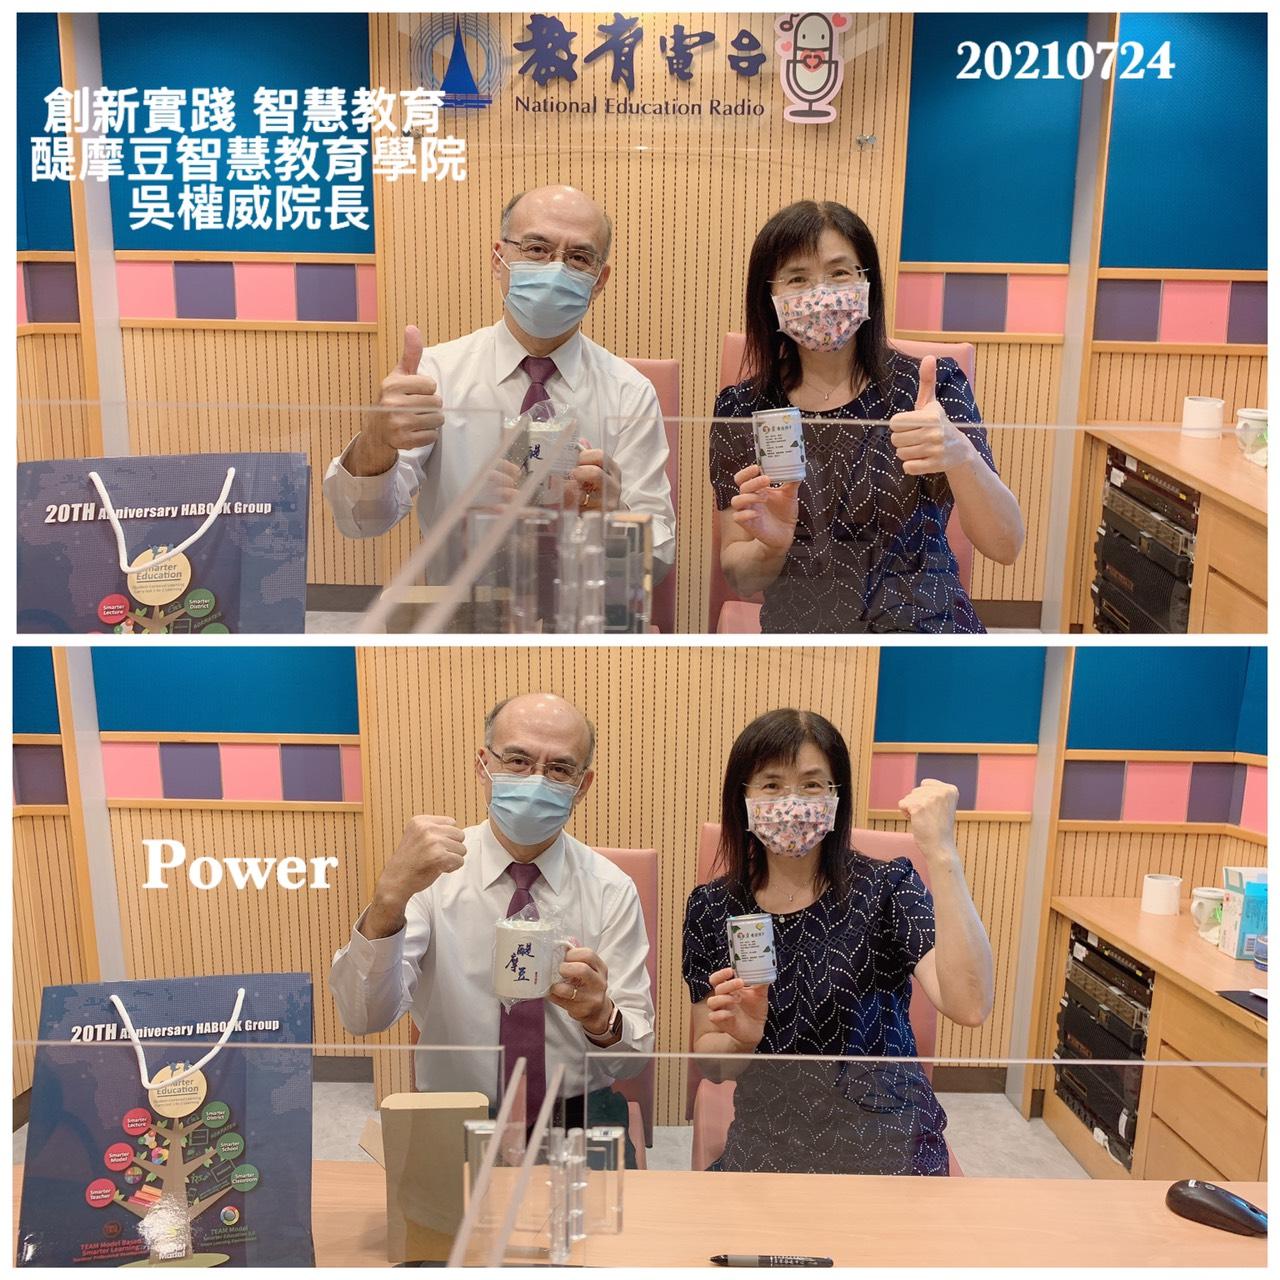 吳權威院長接受教育廣播電台節目專訪